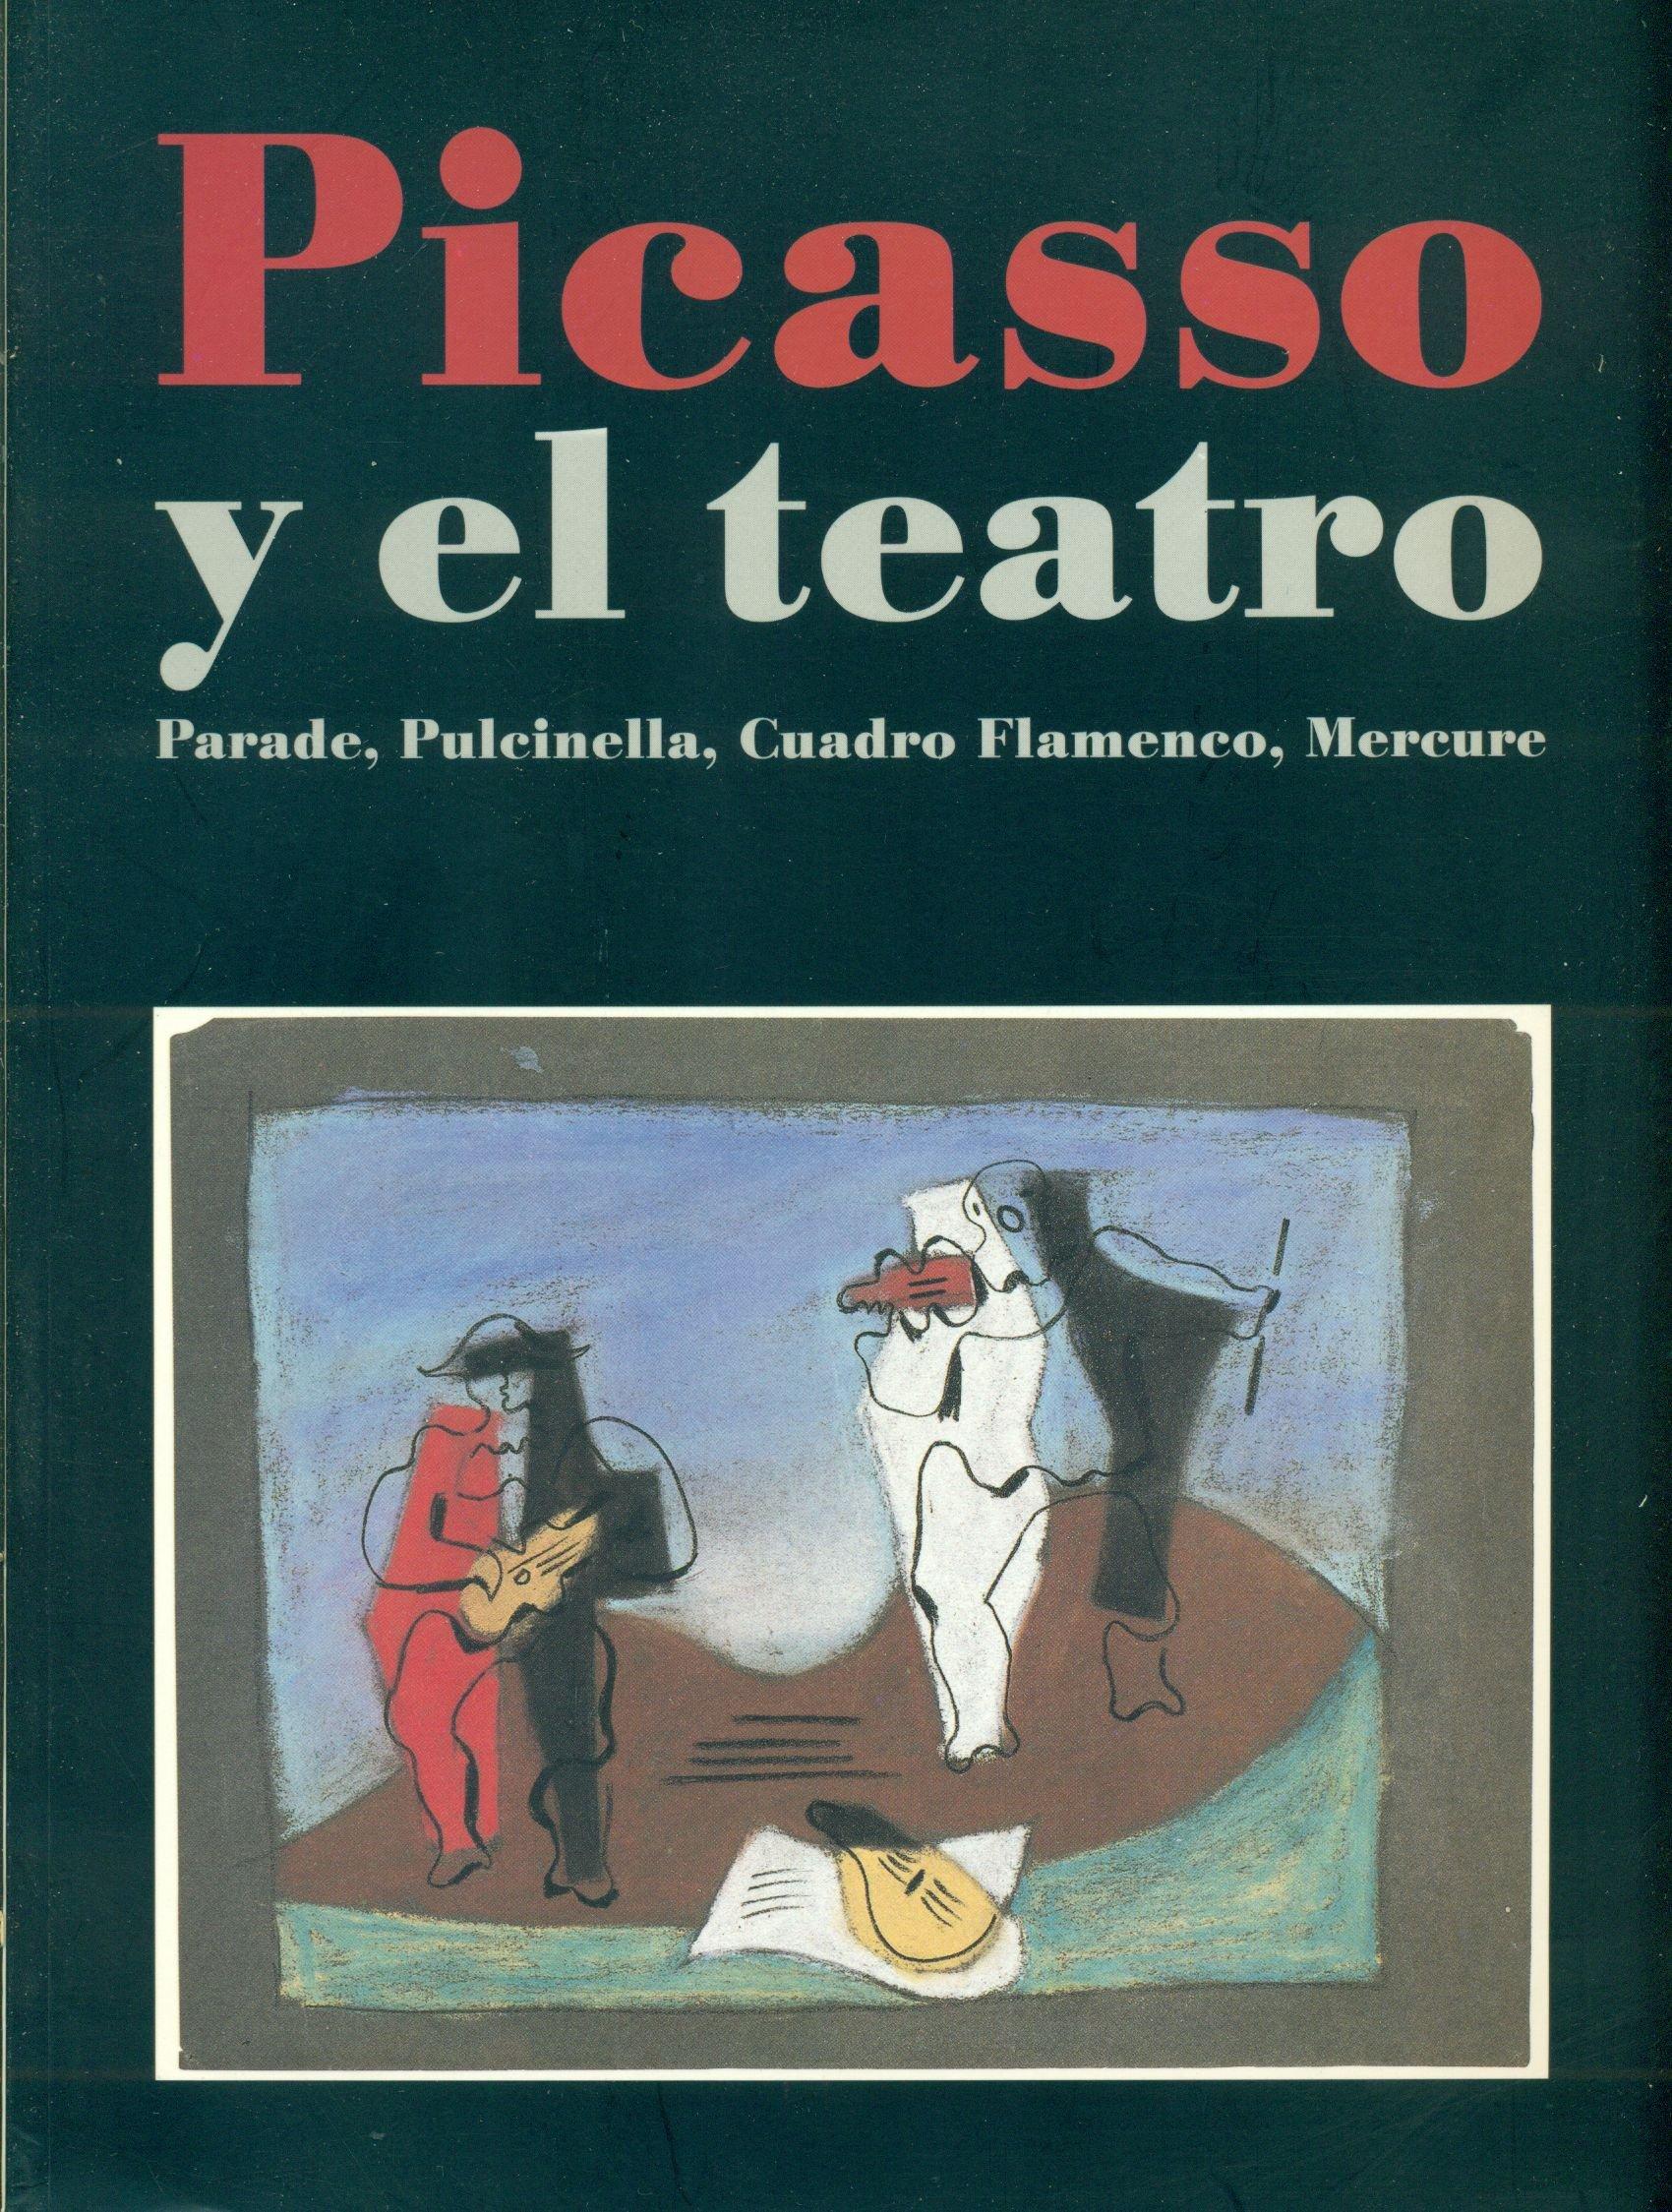 picasso y el teatro parade pulcinella cuadro flamenco mercure spanish edition